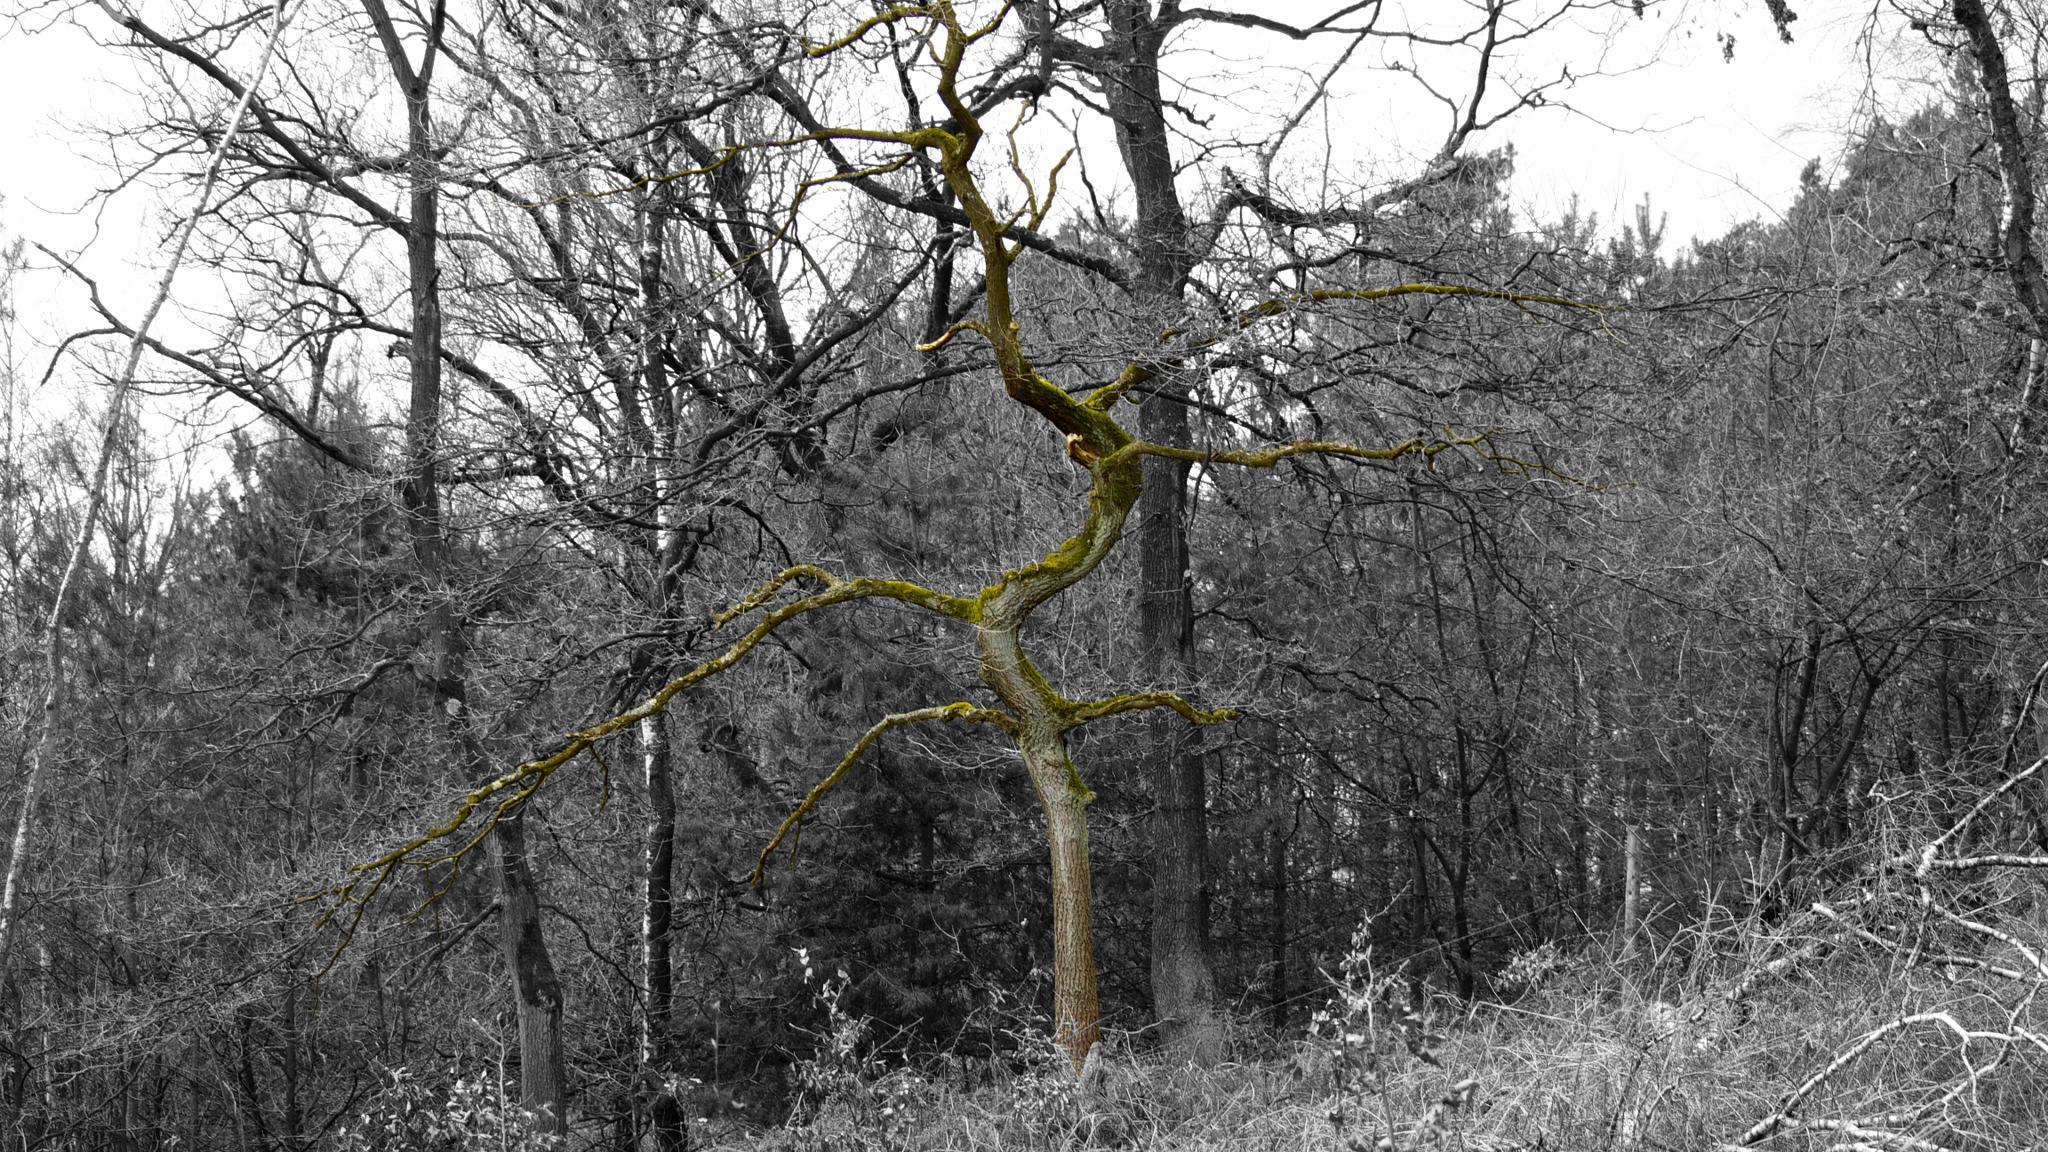 verwinkelter Baum by heinzbanger